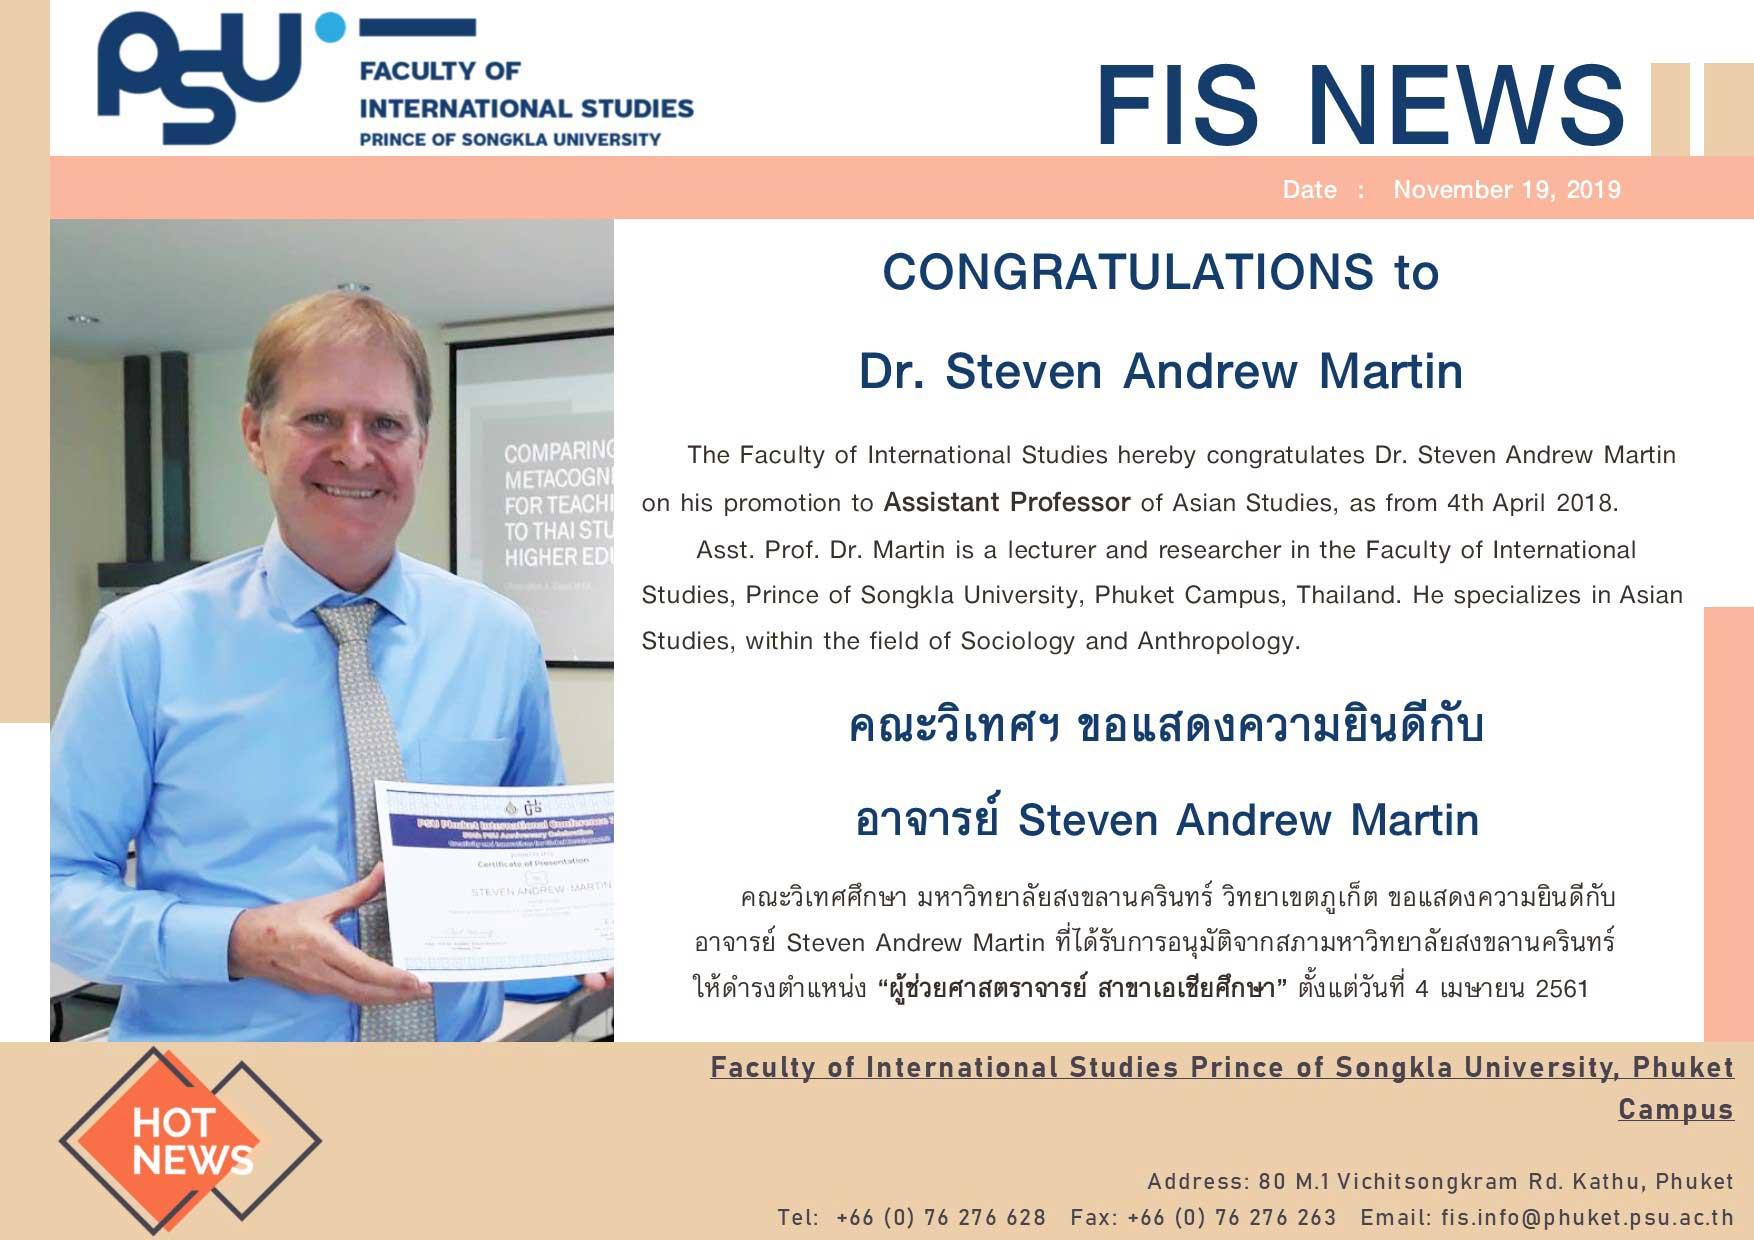 Asst Prof Dr Steven A Martin | Prince of Songkla University | Academic Title | Professor of Asian Studies in Anthropology